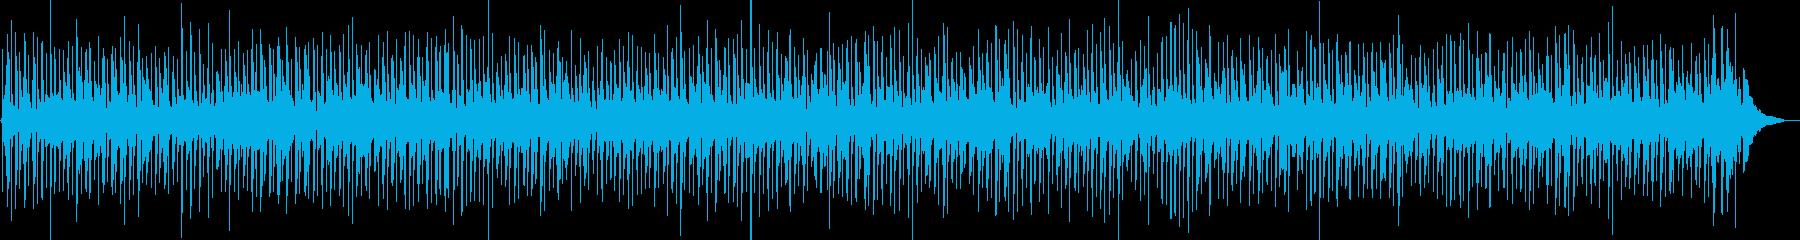 おしゃれ日常カントリーギター ズンチャの再生済みの波形